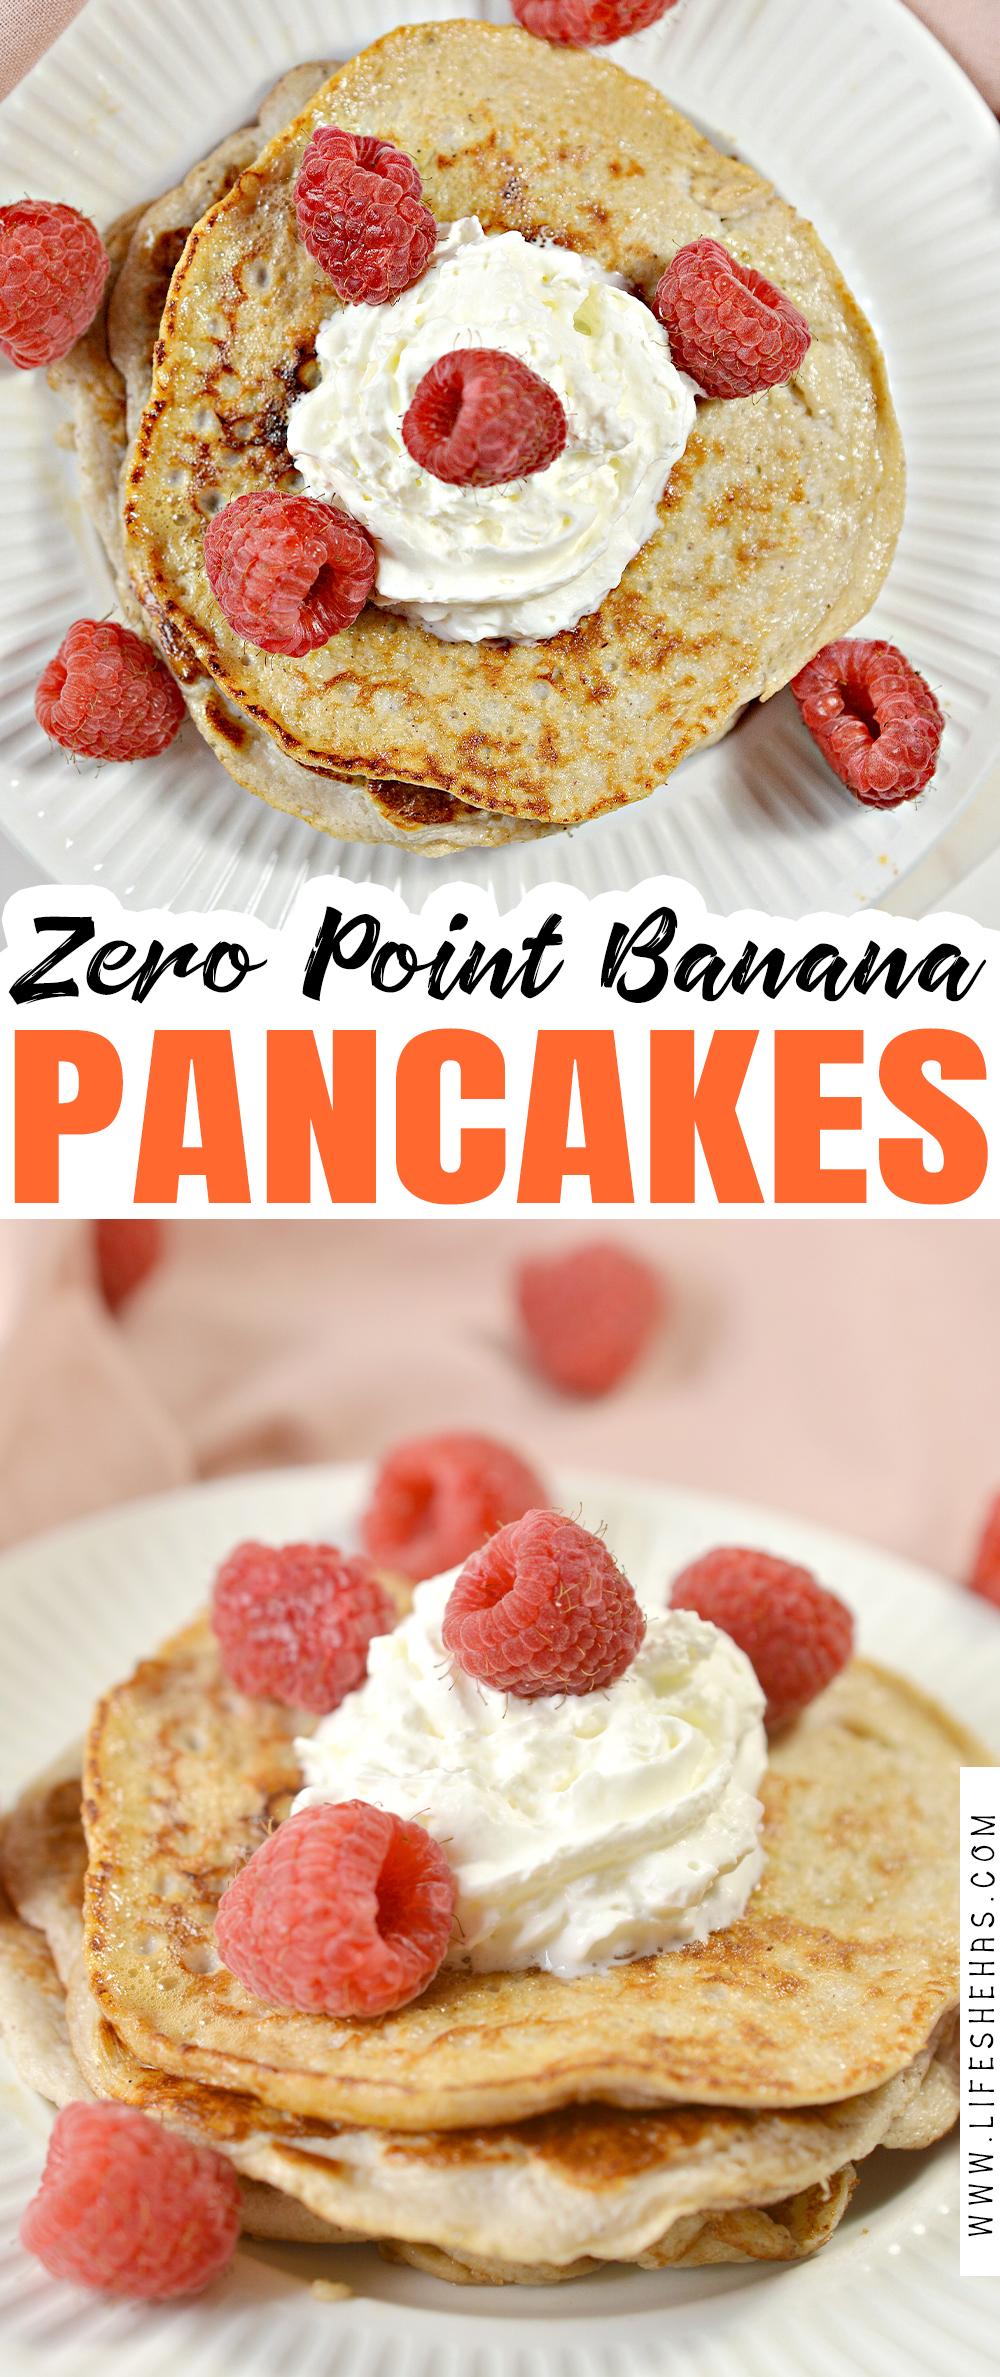 Zero Point Banana Pancakes